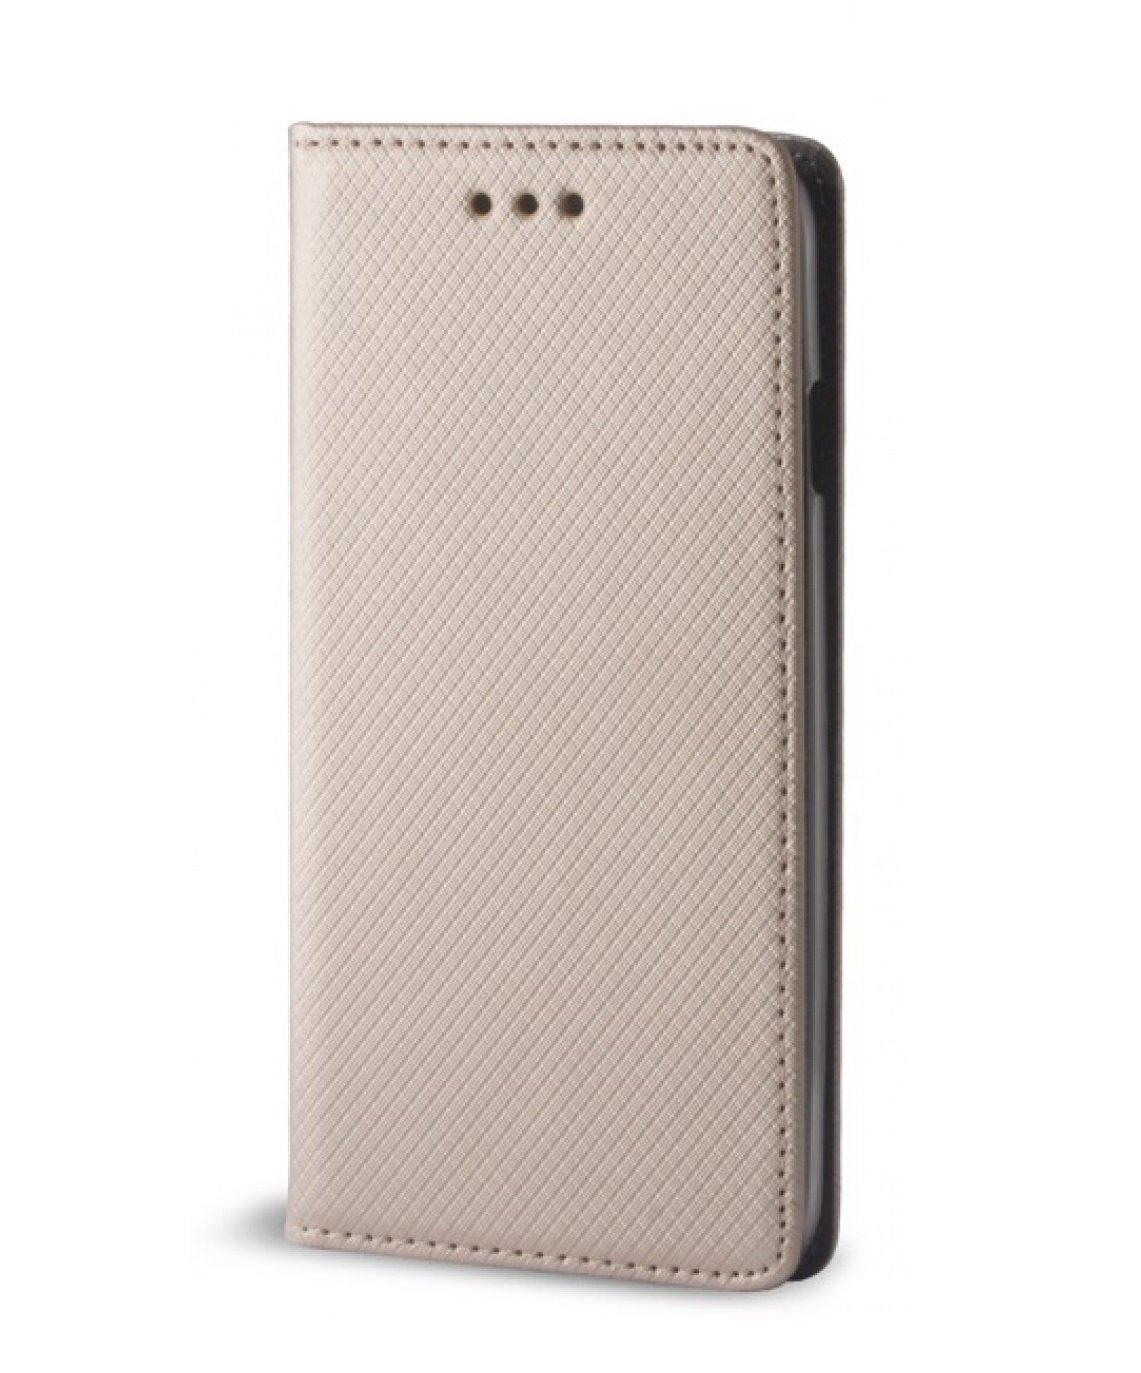 Apsauginis dėklas-stovas GreenGo GSM015703 skirtas Huawei P8 lite, auksinė